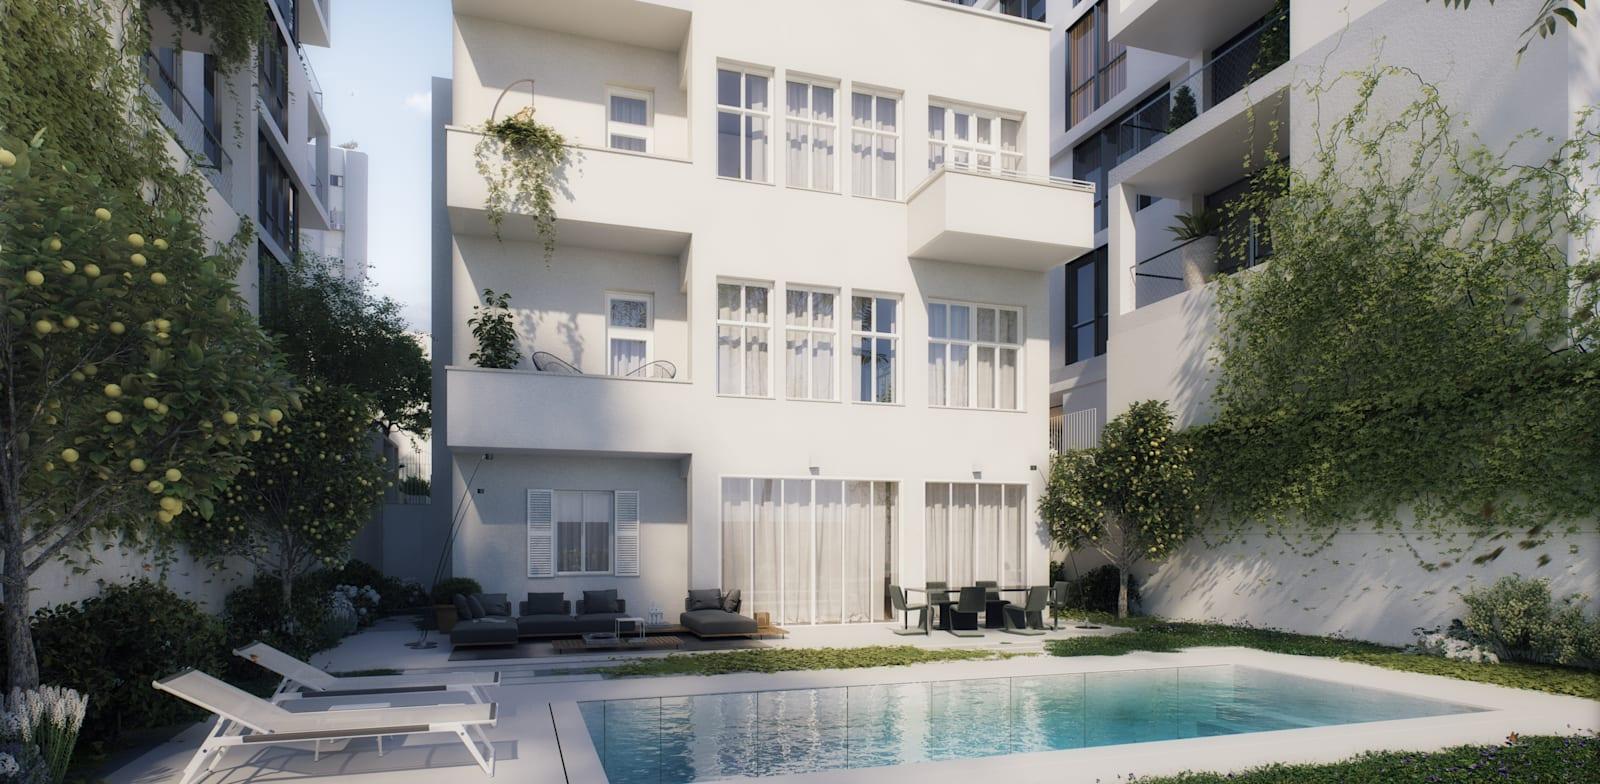 החצר האחורית בבית, שטח פרטי בלב תל אביב / הדמיה: 3division